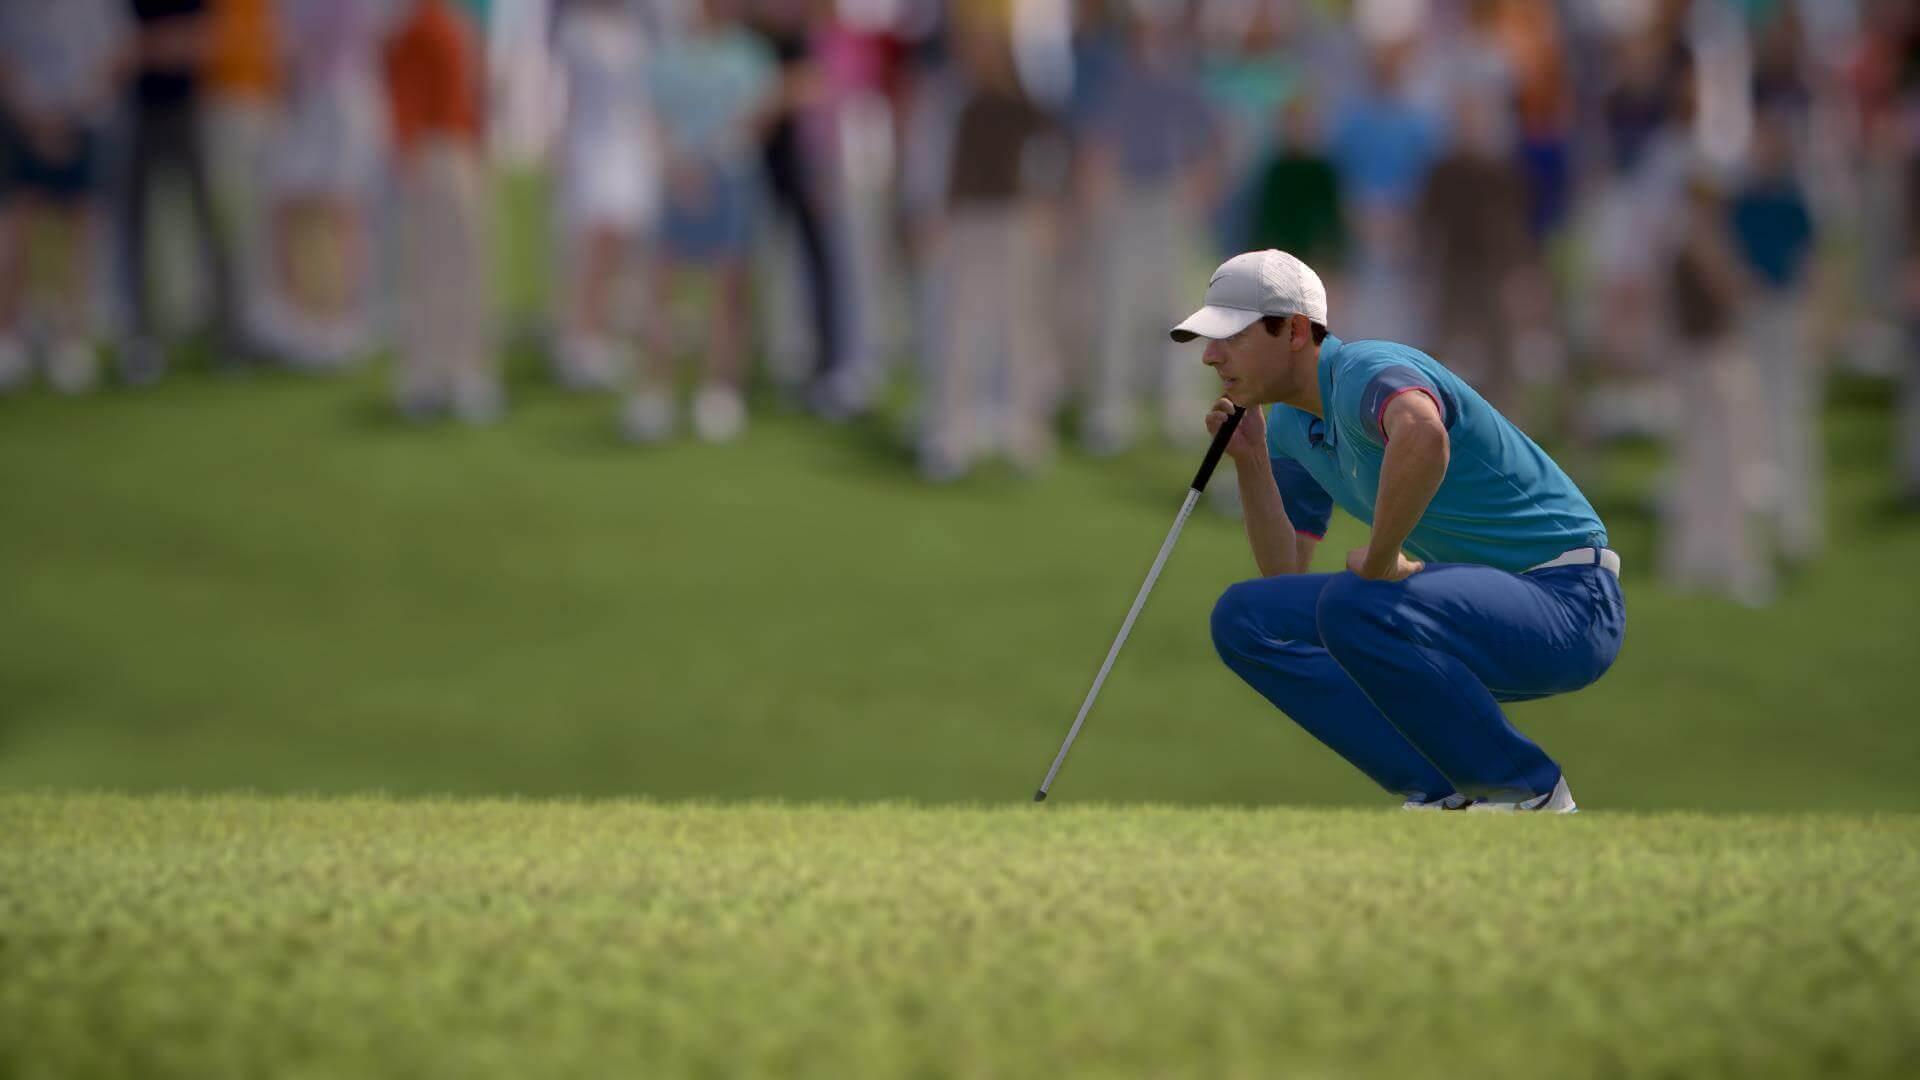 Le PGA TOUR sera diffusé en direct sur Twitter